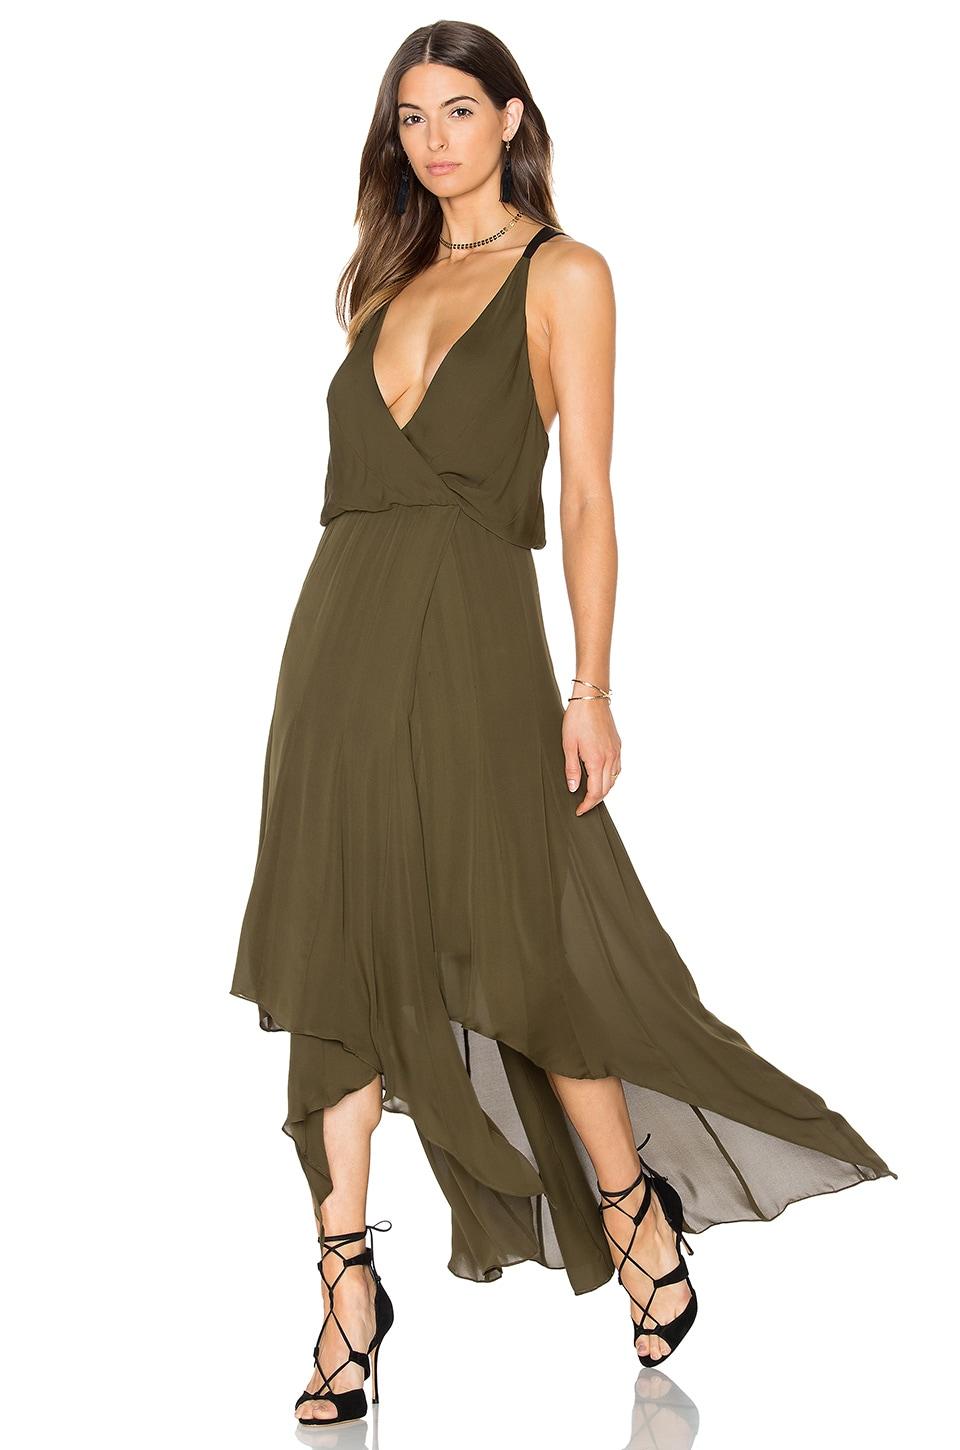 Chiffon Godets Leather Wrap Dress